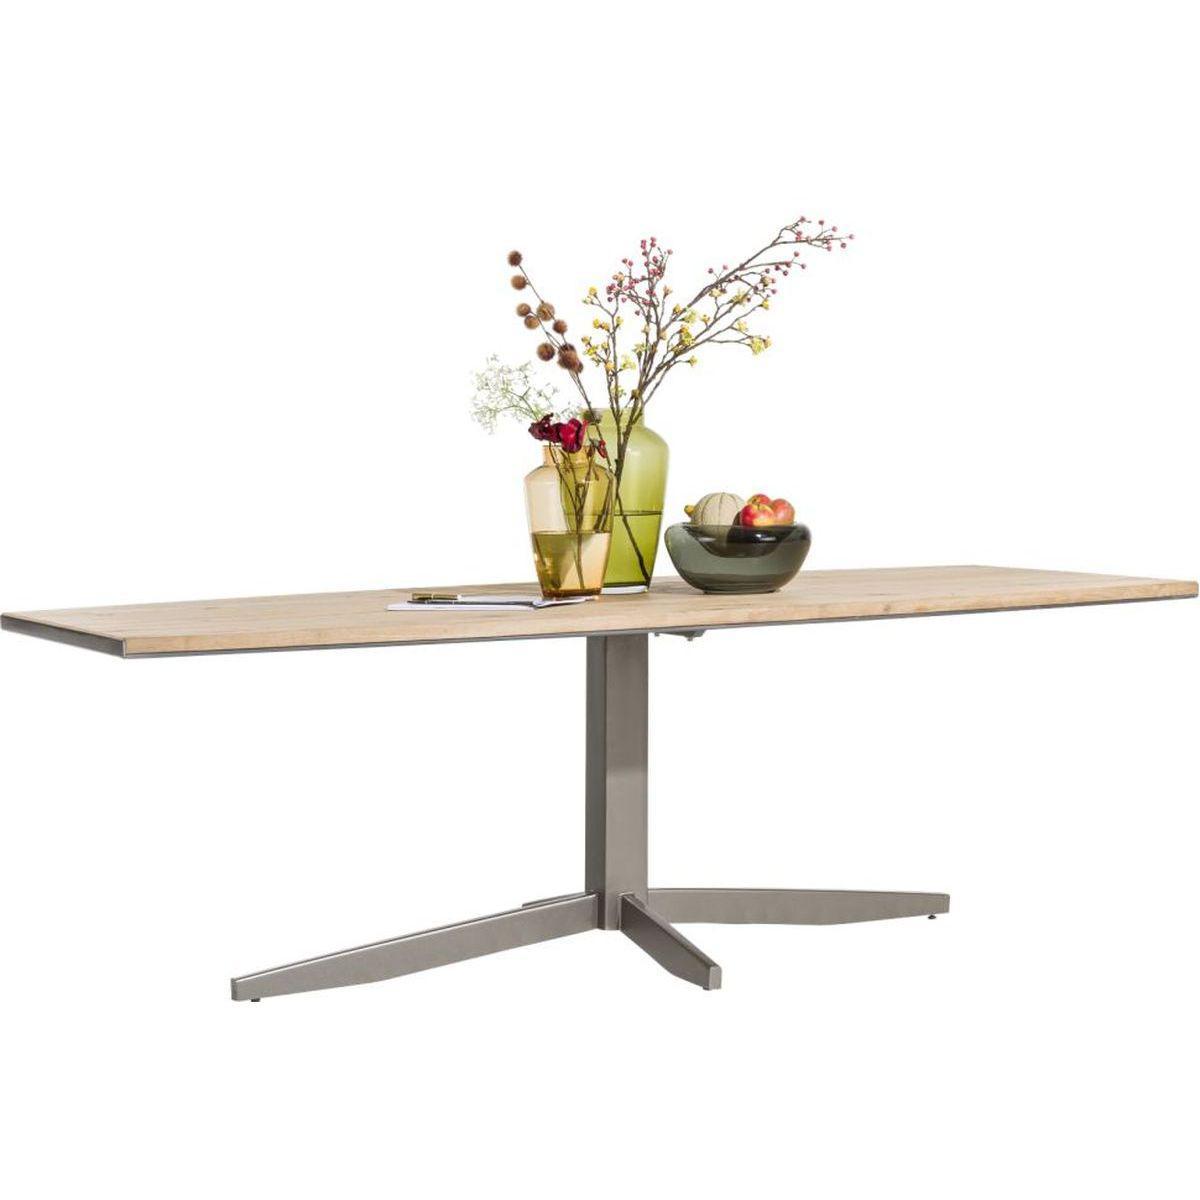 Table FANEUR Xooon105x210cm